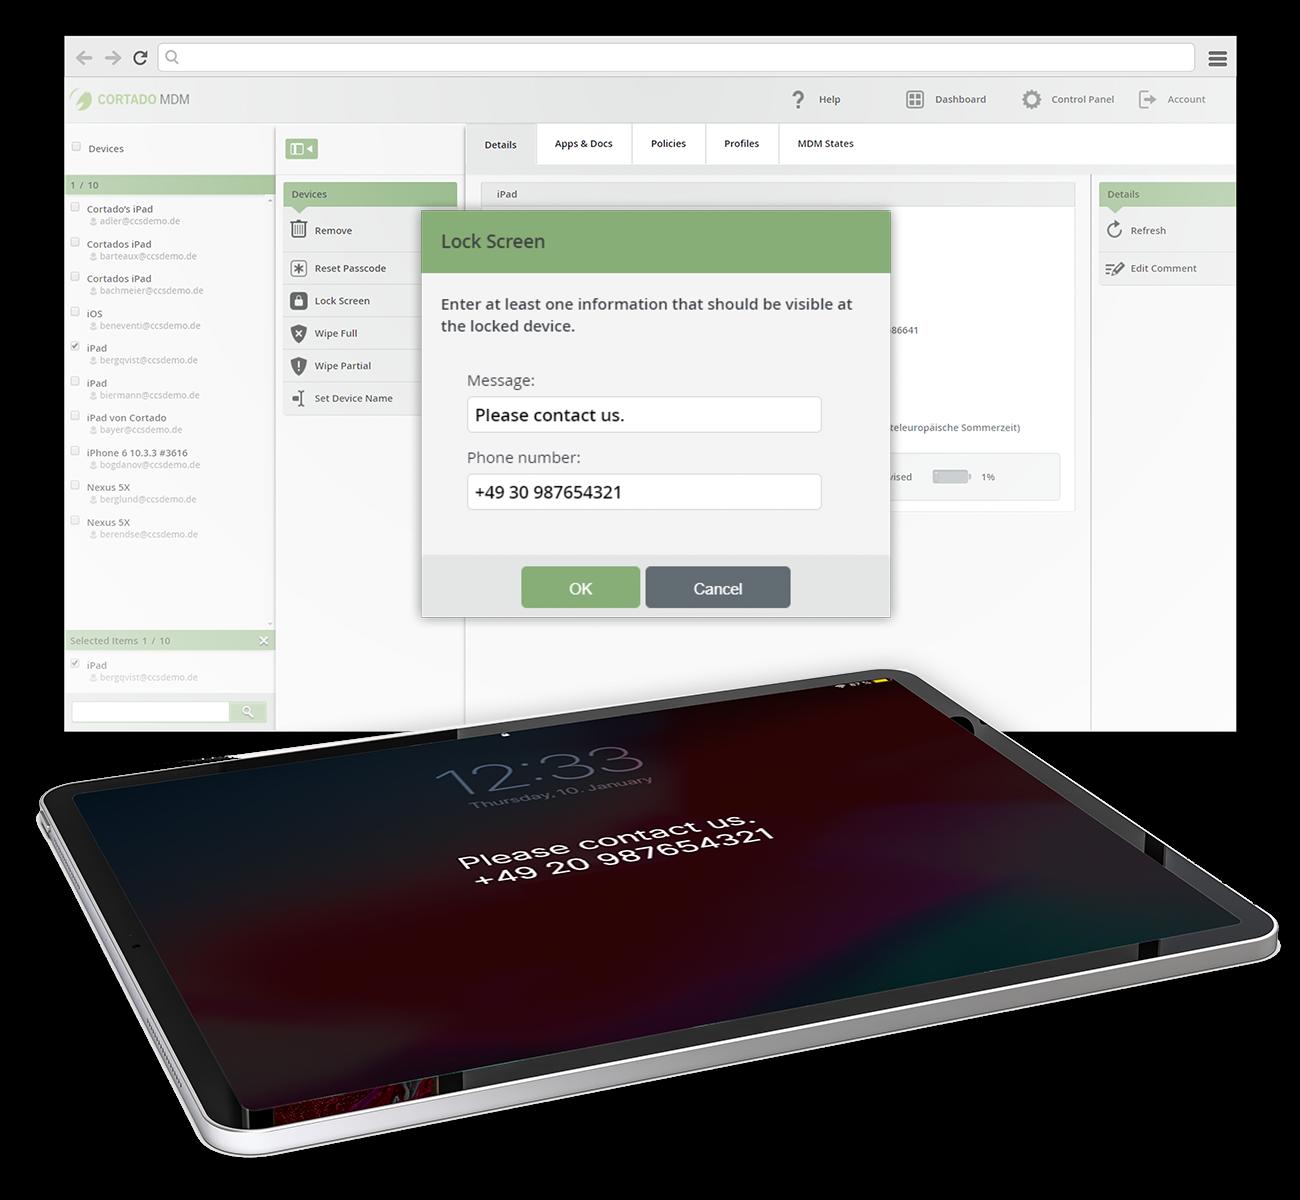 Cortado MDM Software - Cortado Security